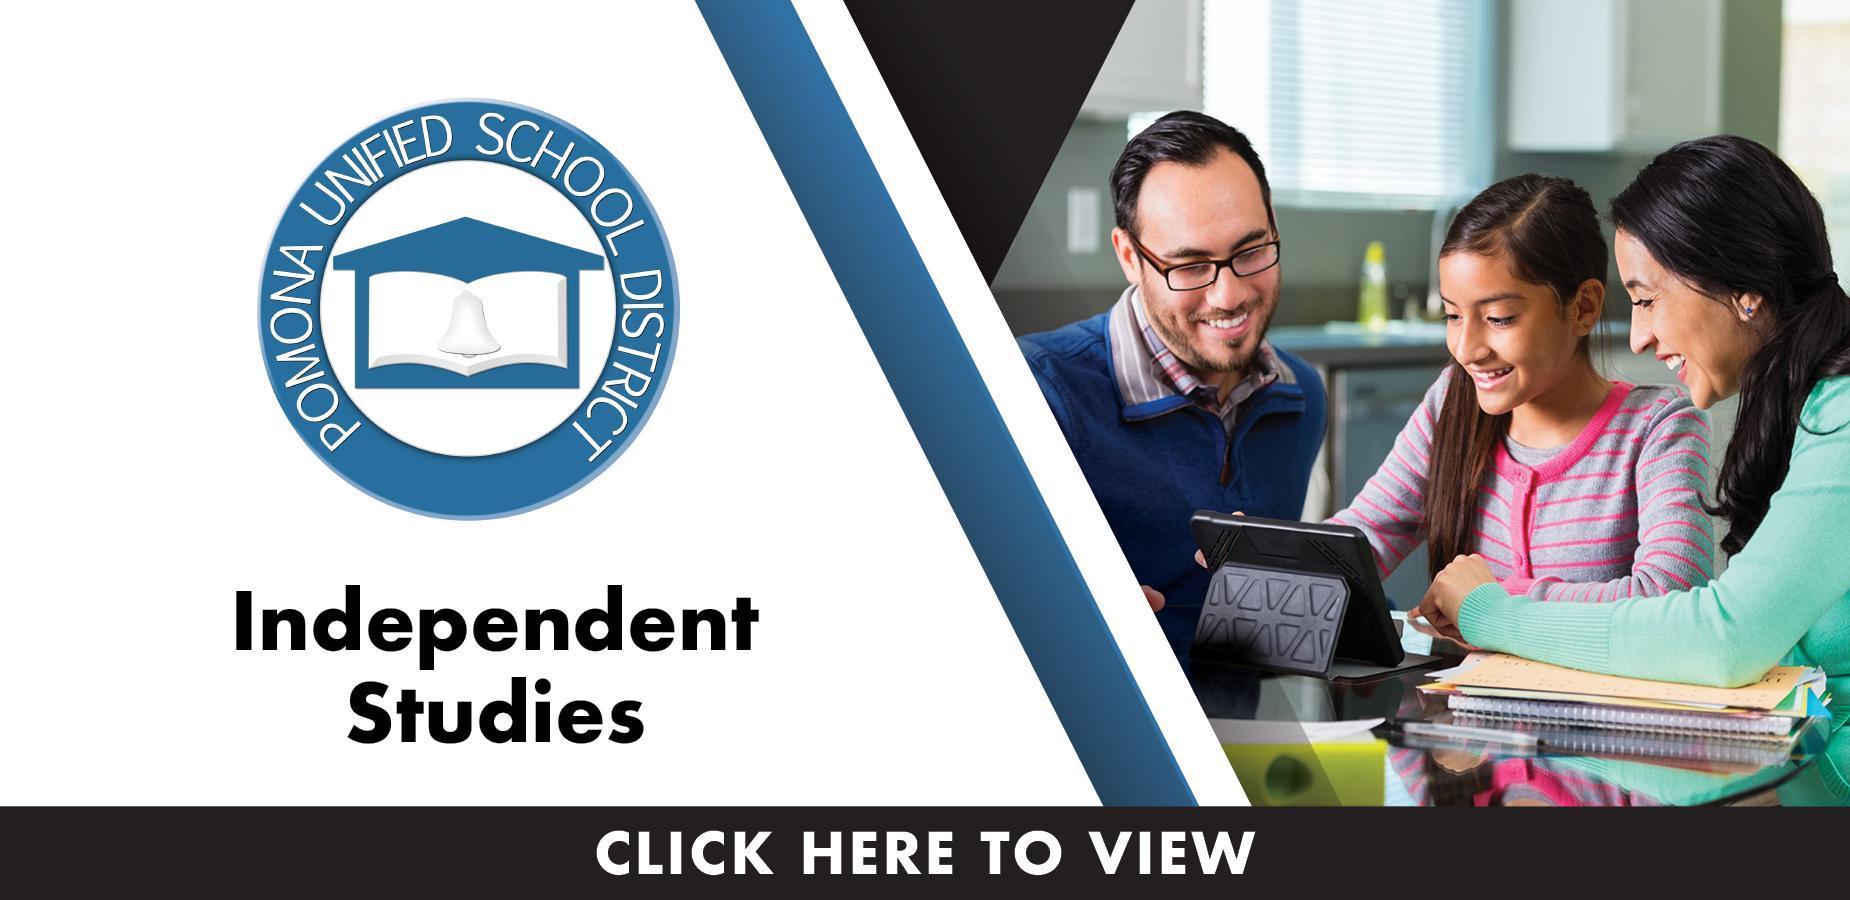 Independent Studies